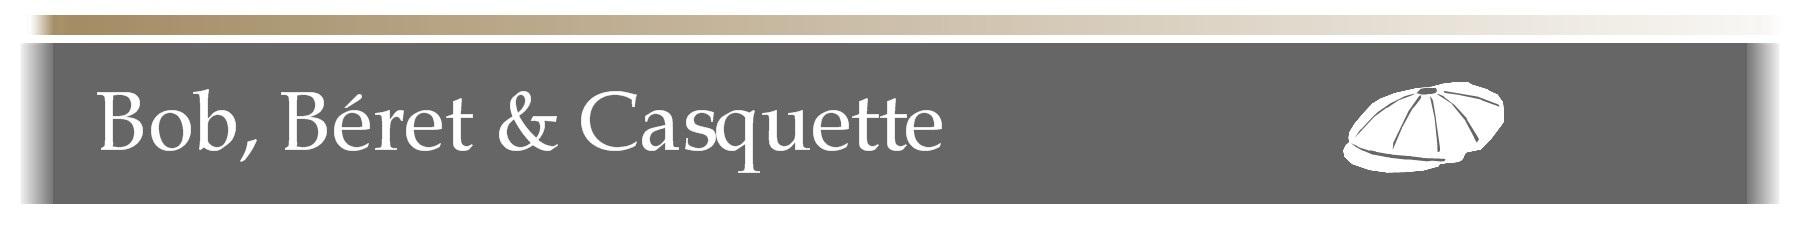 BOUTIQUE LA MELINDA CEREMONIE DE BAPTEME CATEGORIE BOB BERET CASQUETTE.jpg